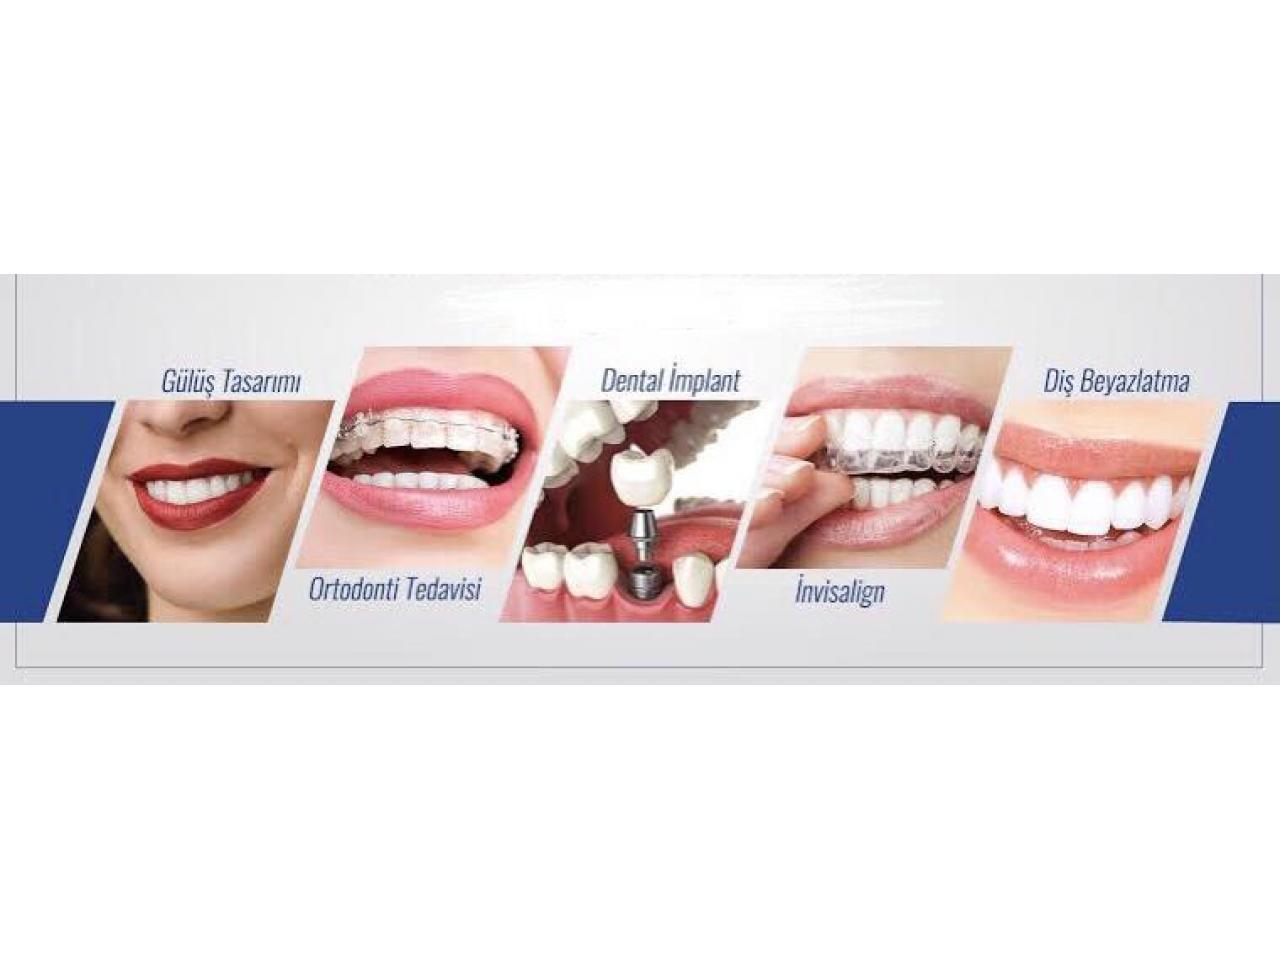 Турция! Отдых и Лечение! Стоматологические/Эстетические услуги в клиниках Стамбула - 5